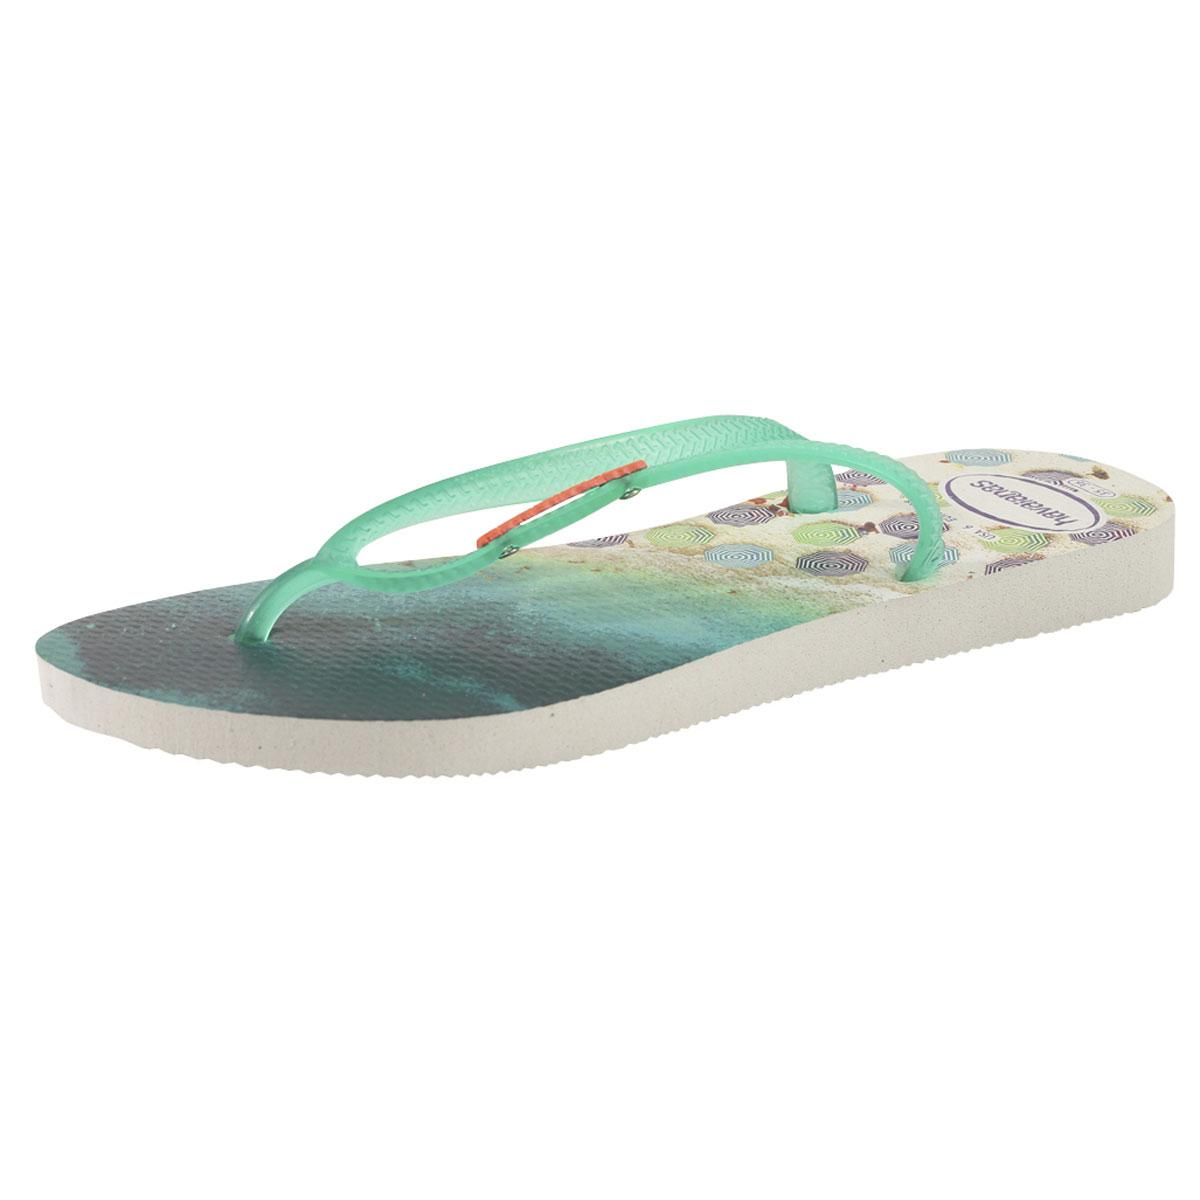 Image of Havainas Women's Slim Paisage Flip Flops Sandals Shoes - White/Mint Green - 11 12 B(M) US